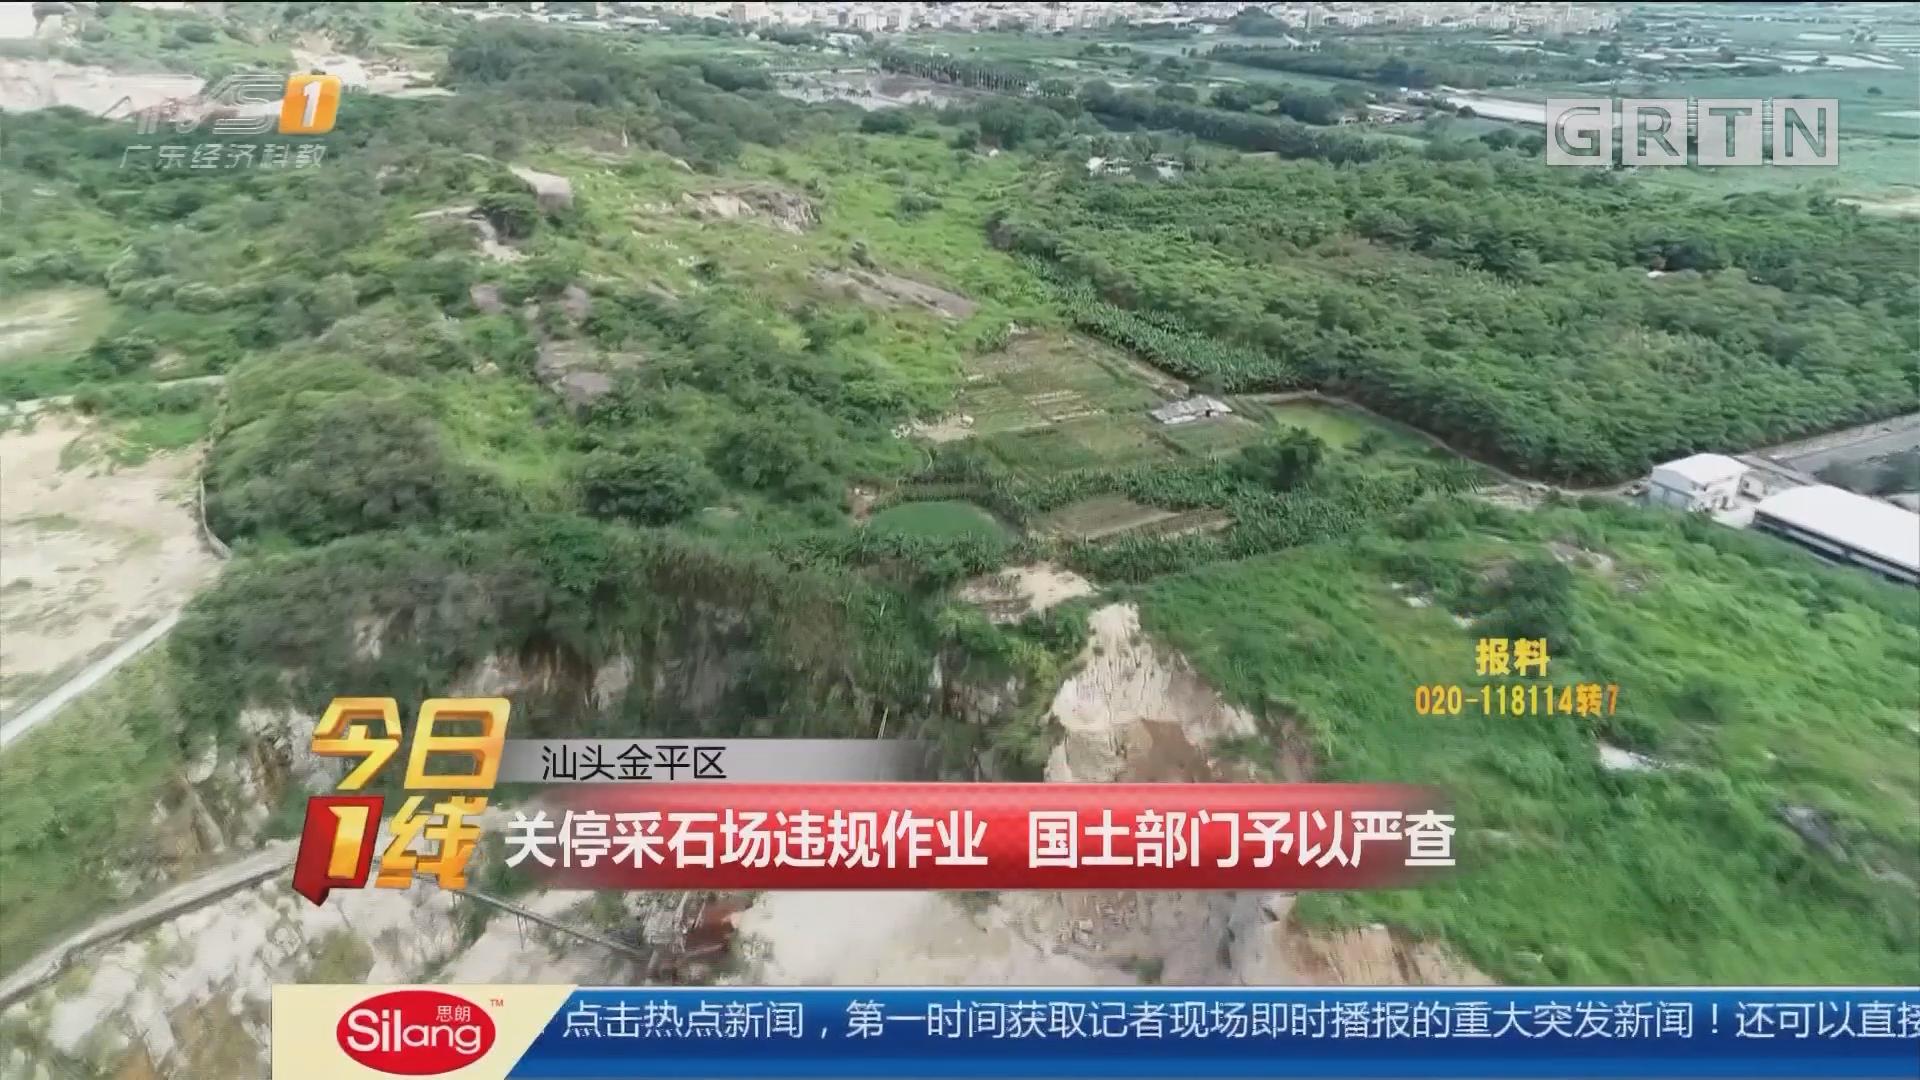 汕头金平区:关停采石场违规作业 国土部门予以严查